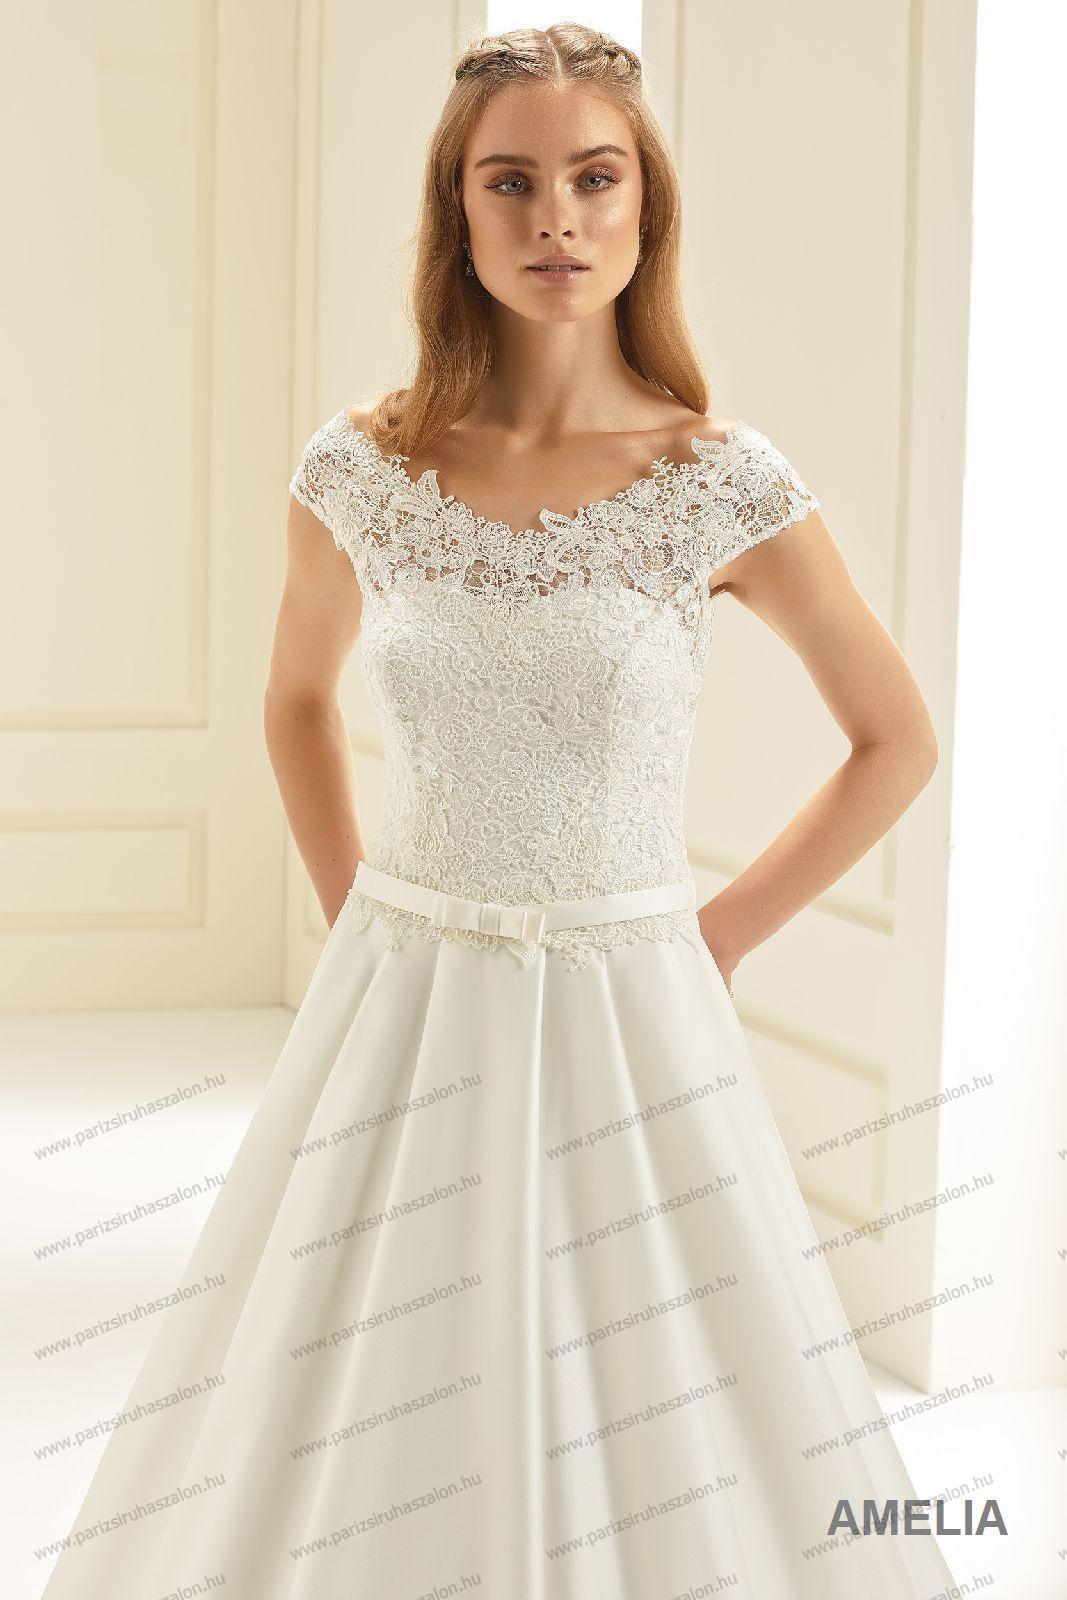 Amelia menyasszonyi ruha  691defab08